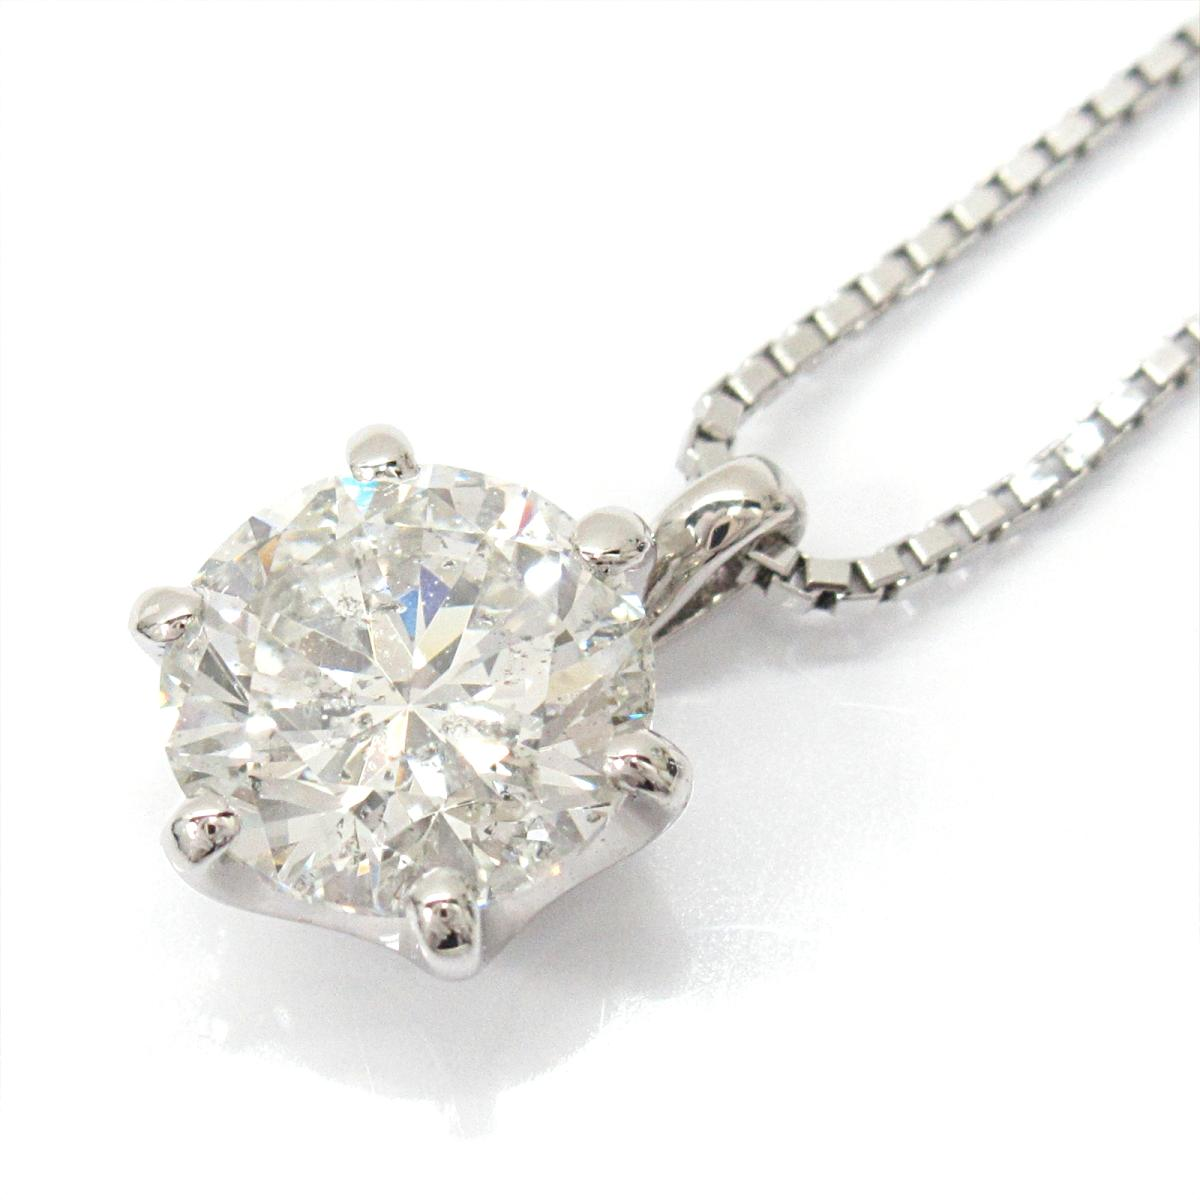 ジュエリー 一粒 ダイヤモンド ネックレス レディース PT900 プラチナ x PT850 (プラチナ) ダイヤモンド1.010ct | JEWELRY BRANDOFF ブランドオフ ブランド アクセサリー ペンダント